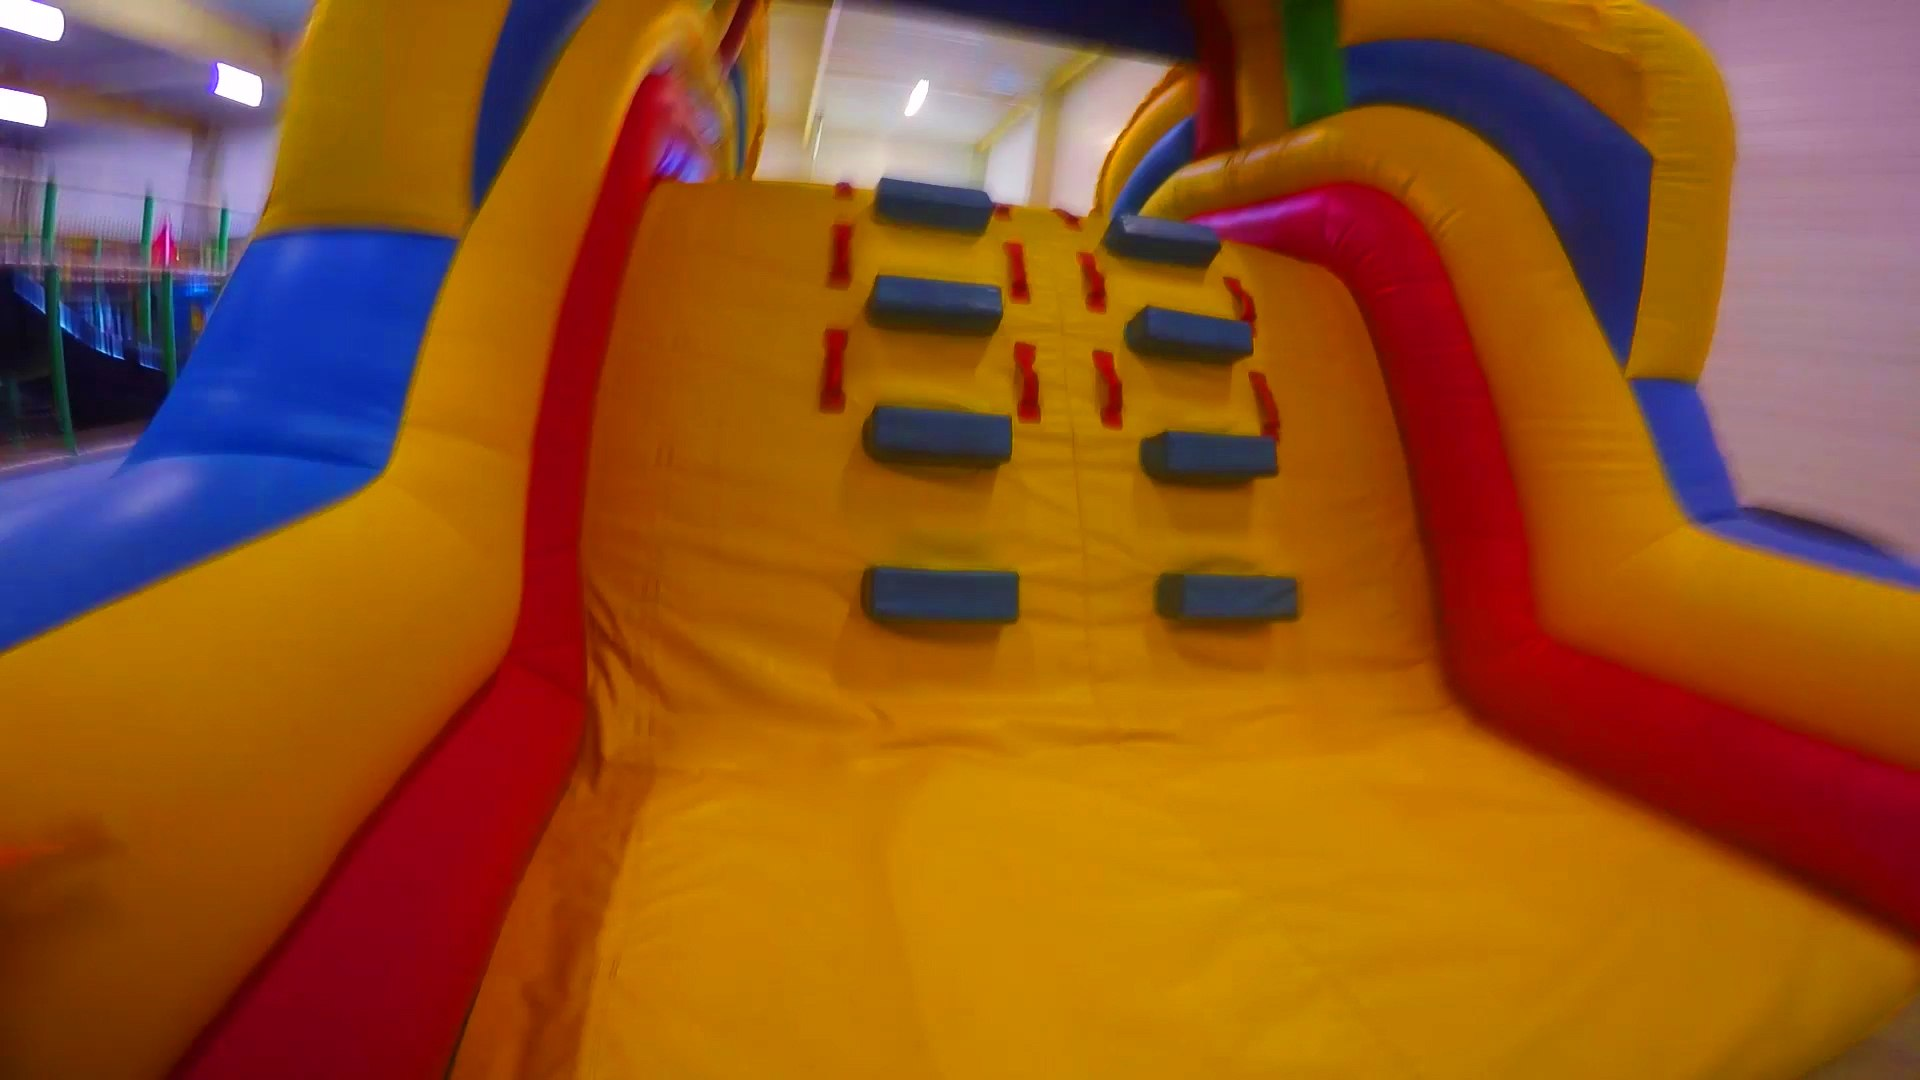 Детский Развлекательный Центр - Надувной Замок, Лабиринт и Батут